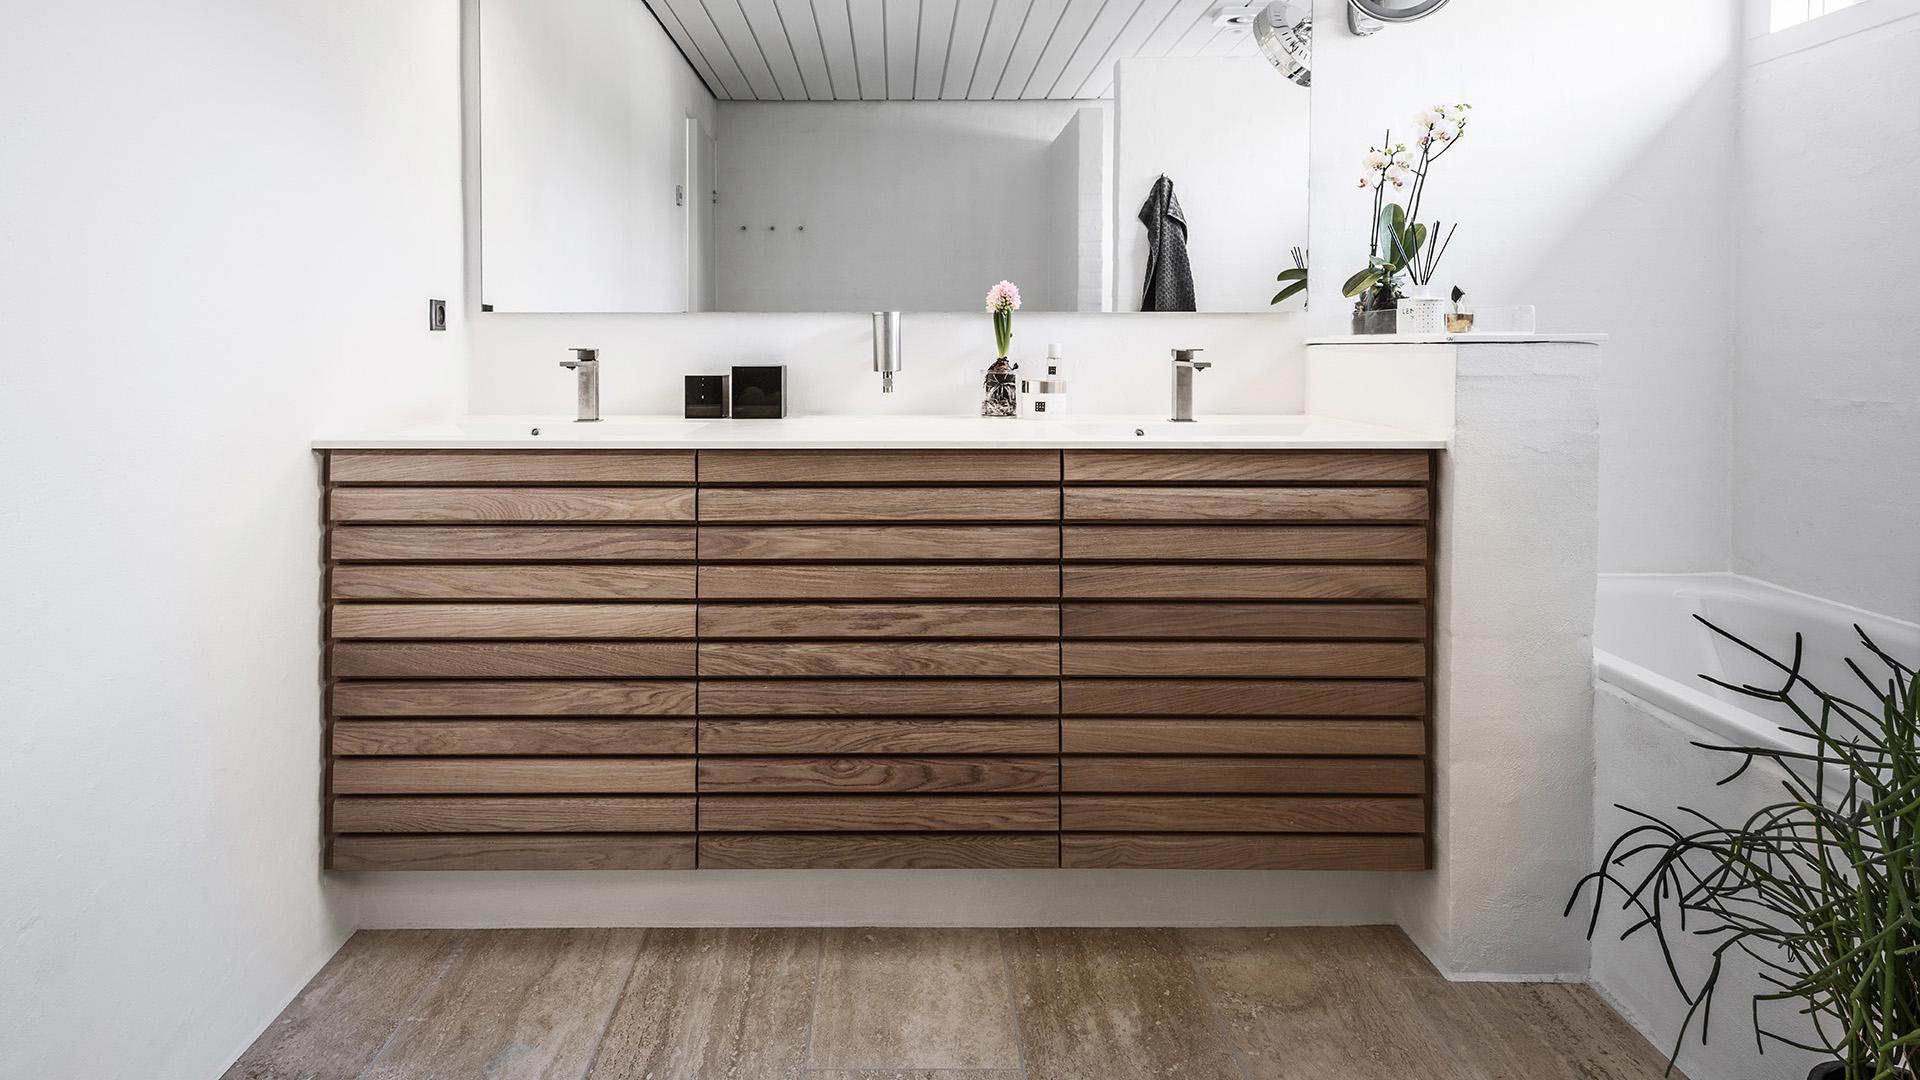 Folkekære M-line badeværelse - rene linjer i massiv træ | Tvis Køkkener DB-87